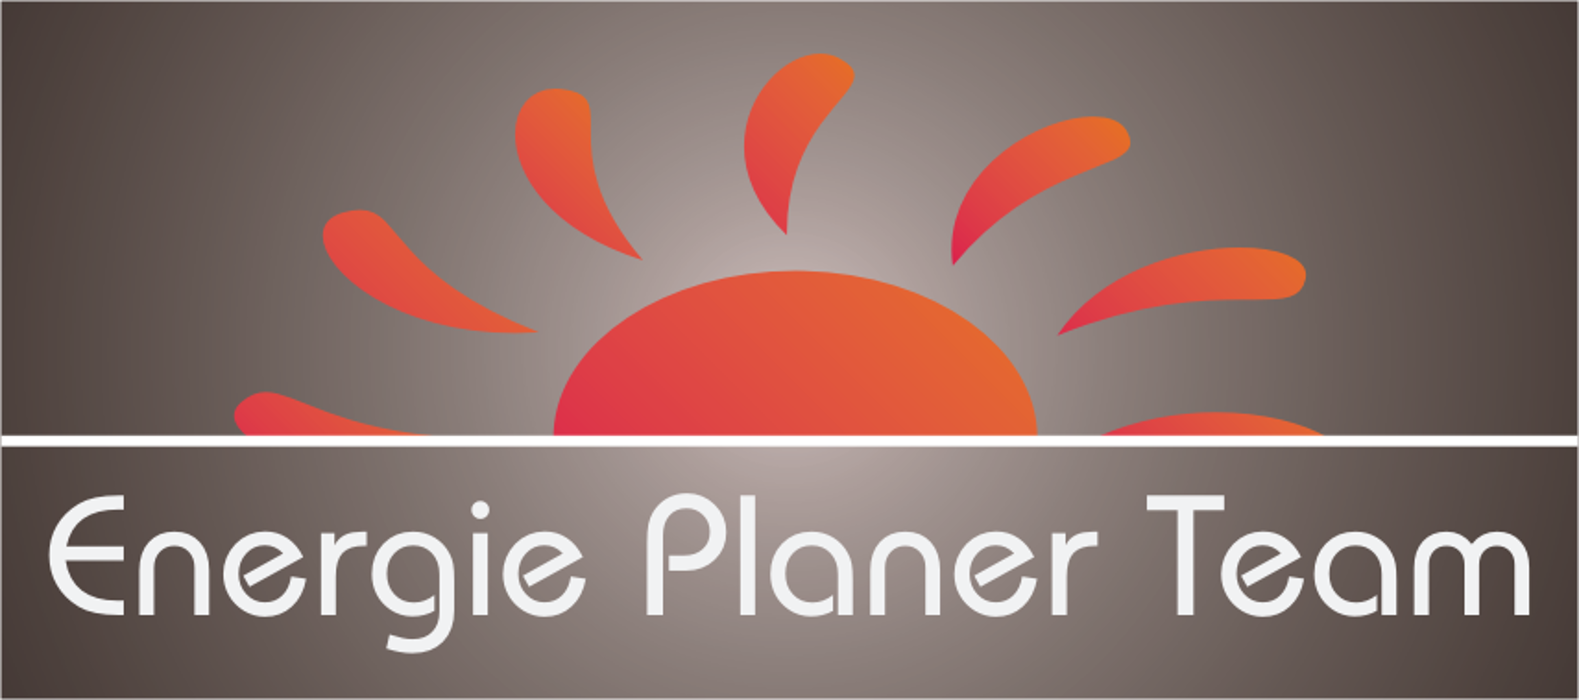 Bild zu Energie Planer Team in Seeheim Jugenheim